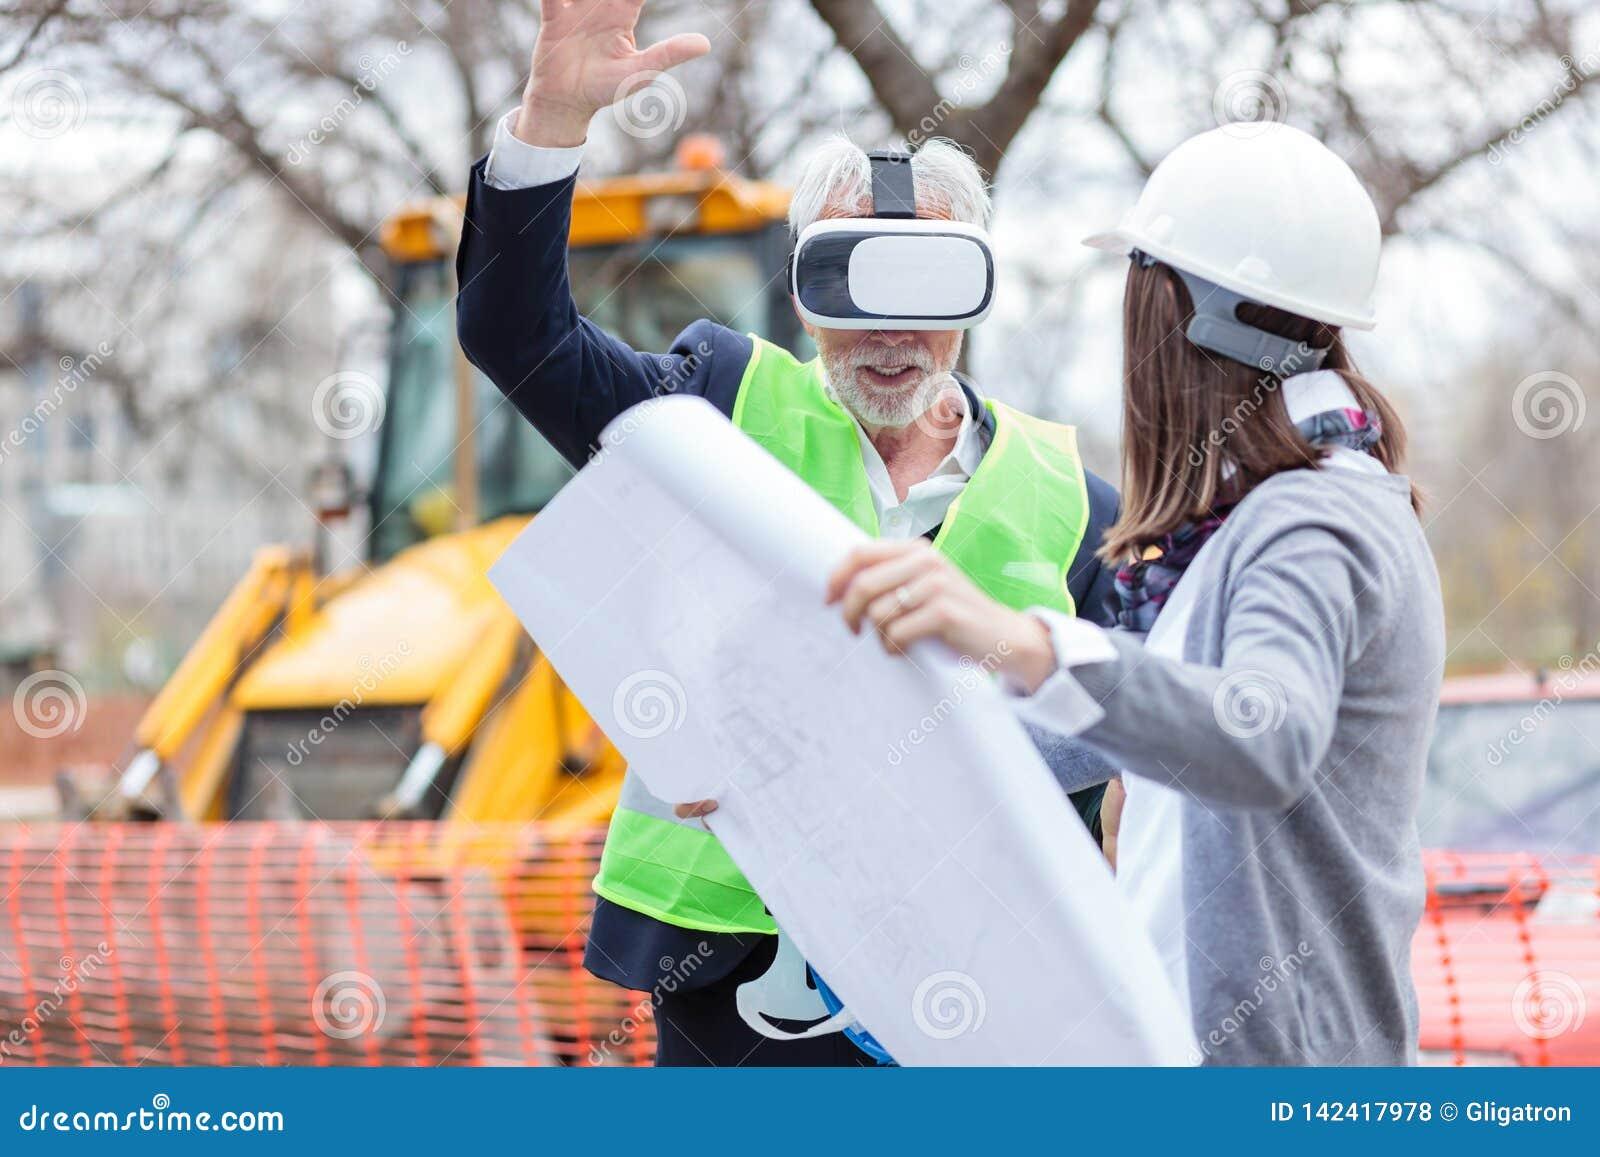 Hög arkitekt eller affärsman som använder virtuell verklighetskyddsglasögon på en konstruktionsplats